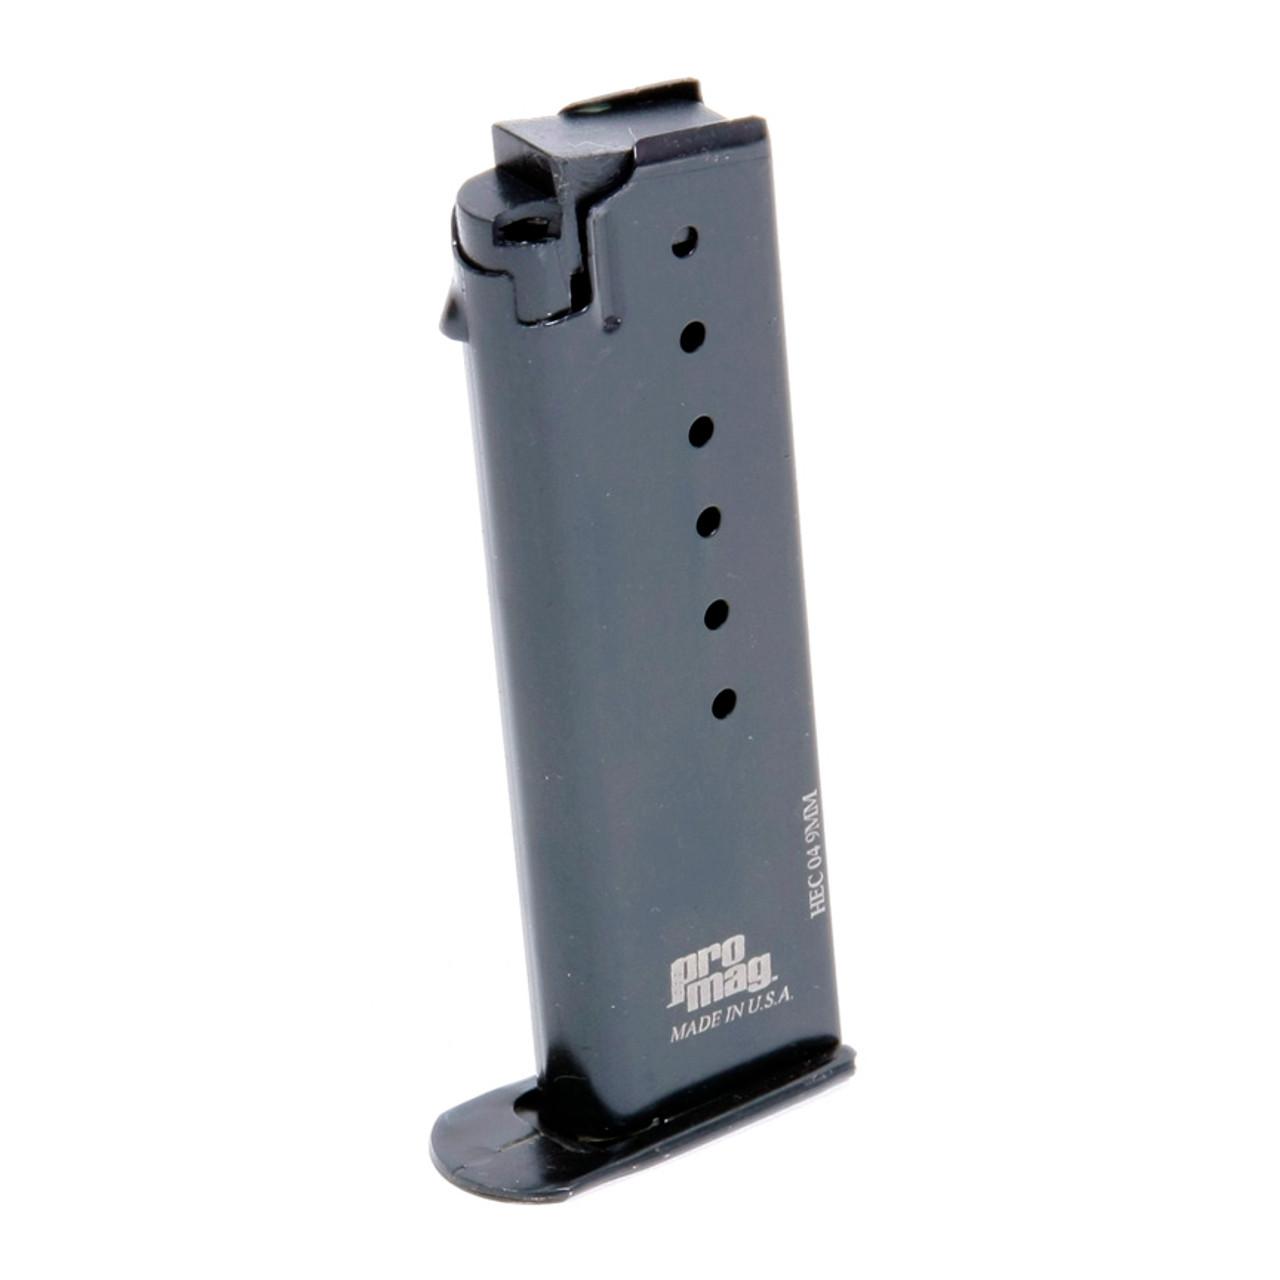 HK® P7 / M8 Pistol 9mm (8) Rd - Blue Steel